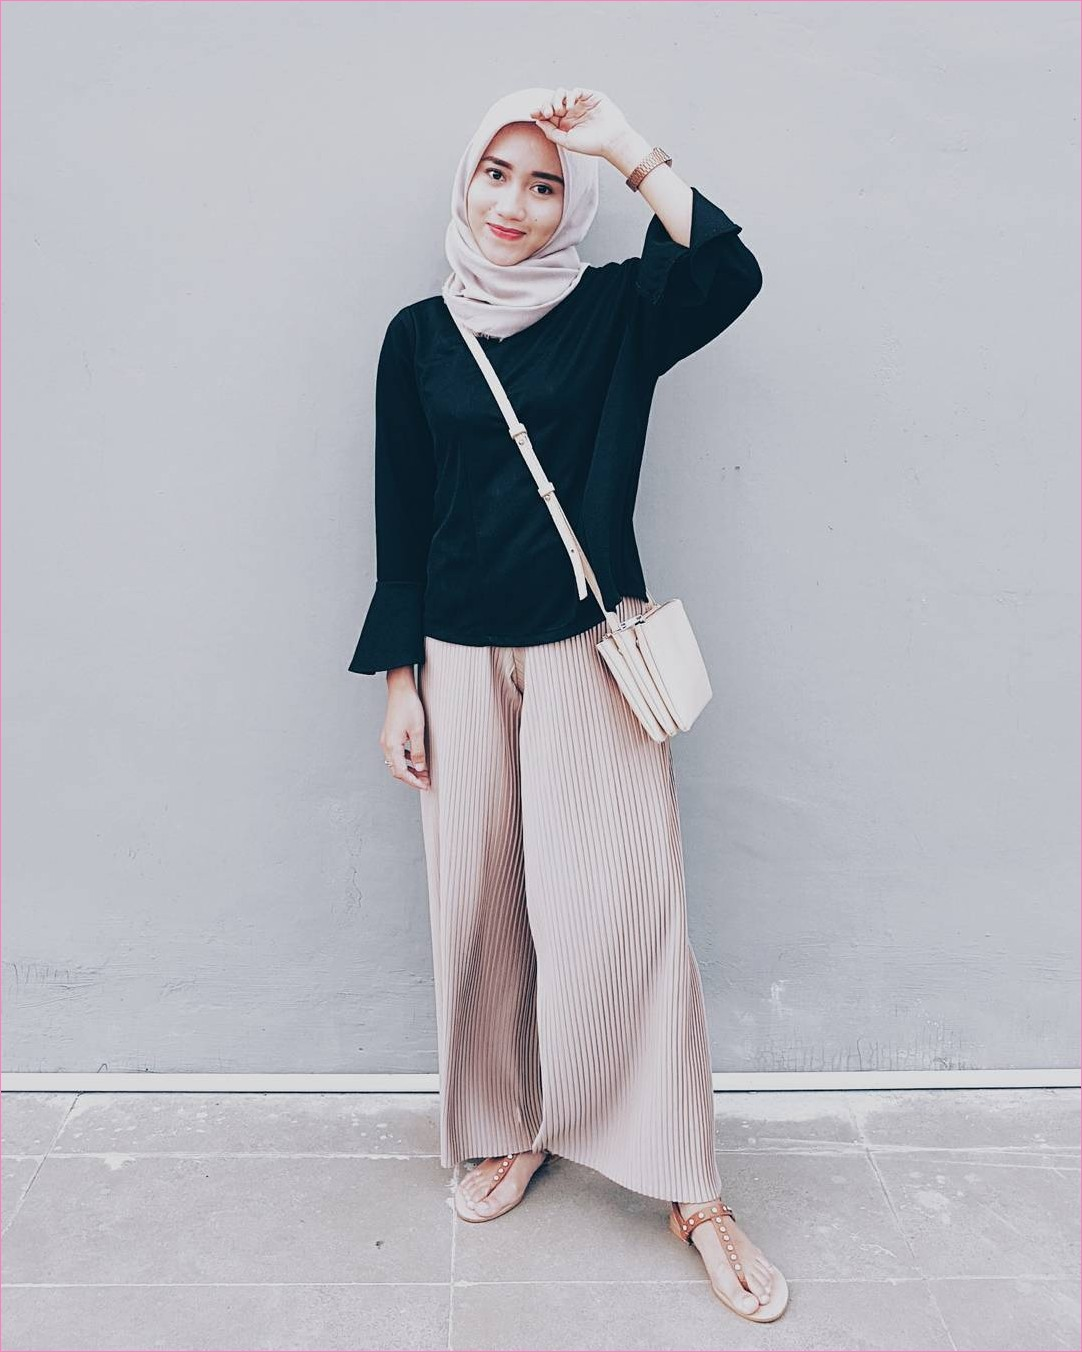 Outfit Kerudung Segiempat Ala Selebgram 2018 kerudung segiempat hijab square scarf satin baju top blouse hitam celana cullotes pallazo krem sandals oren slingbags jam tangan coklat tua ootd hijabers kekinian trendy tambok